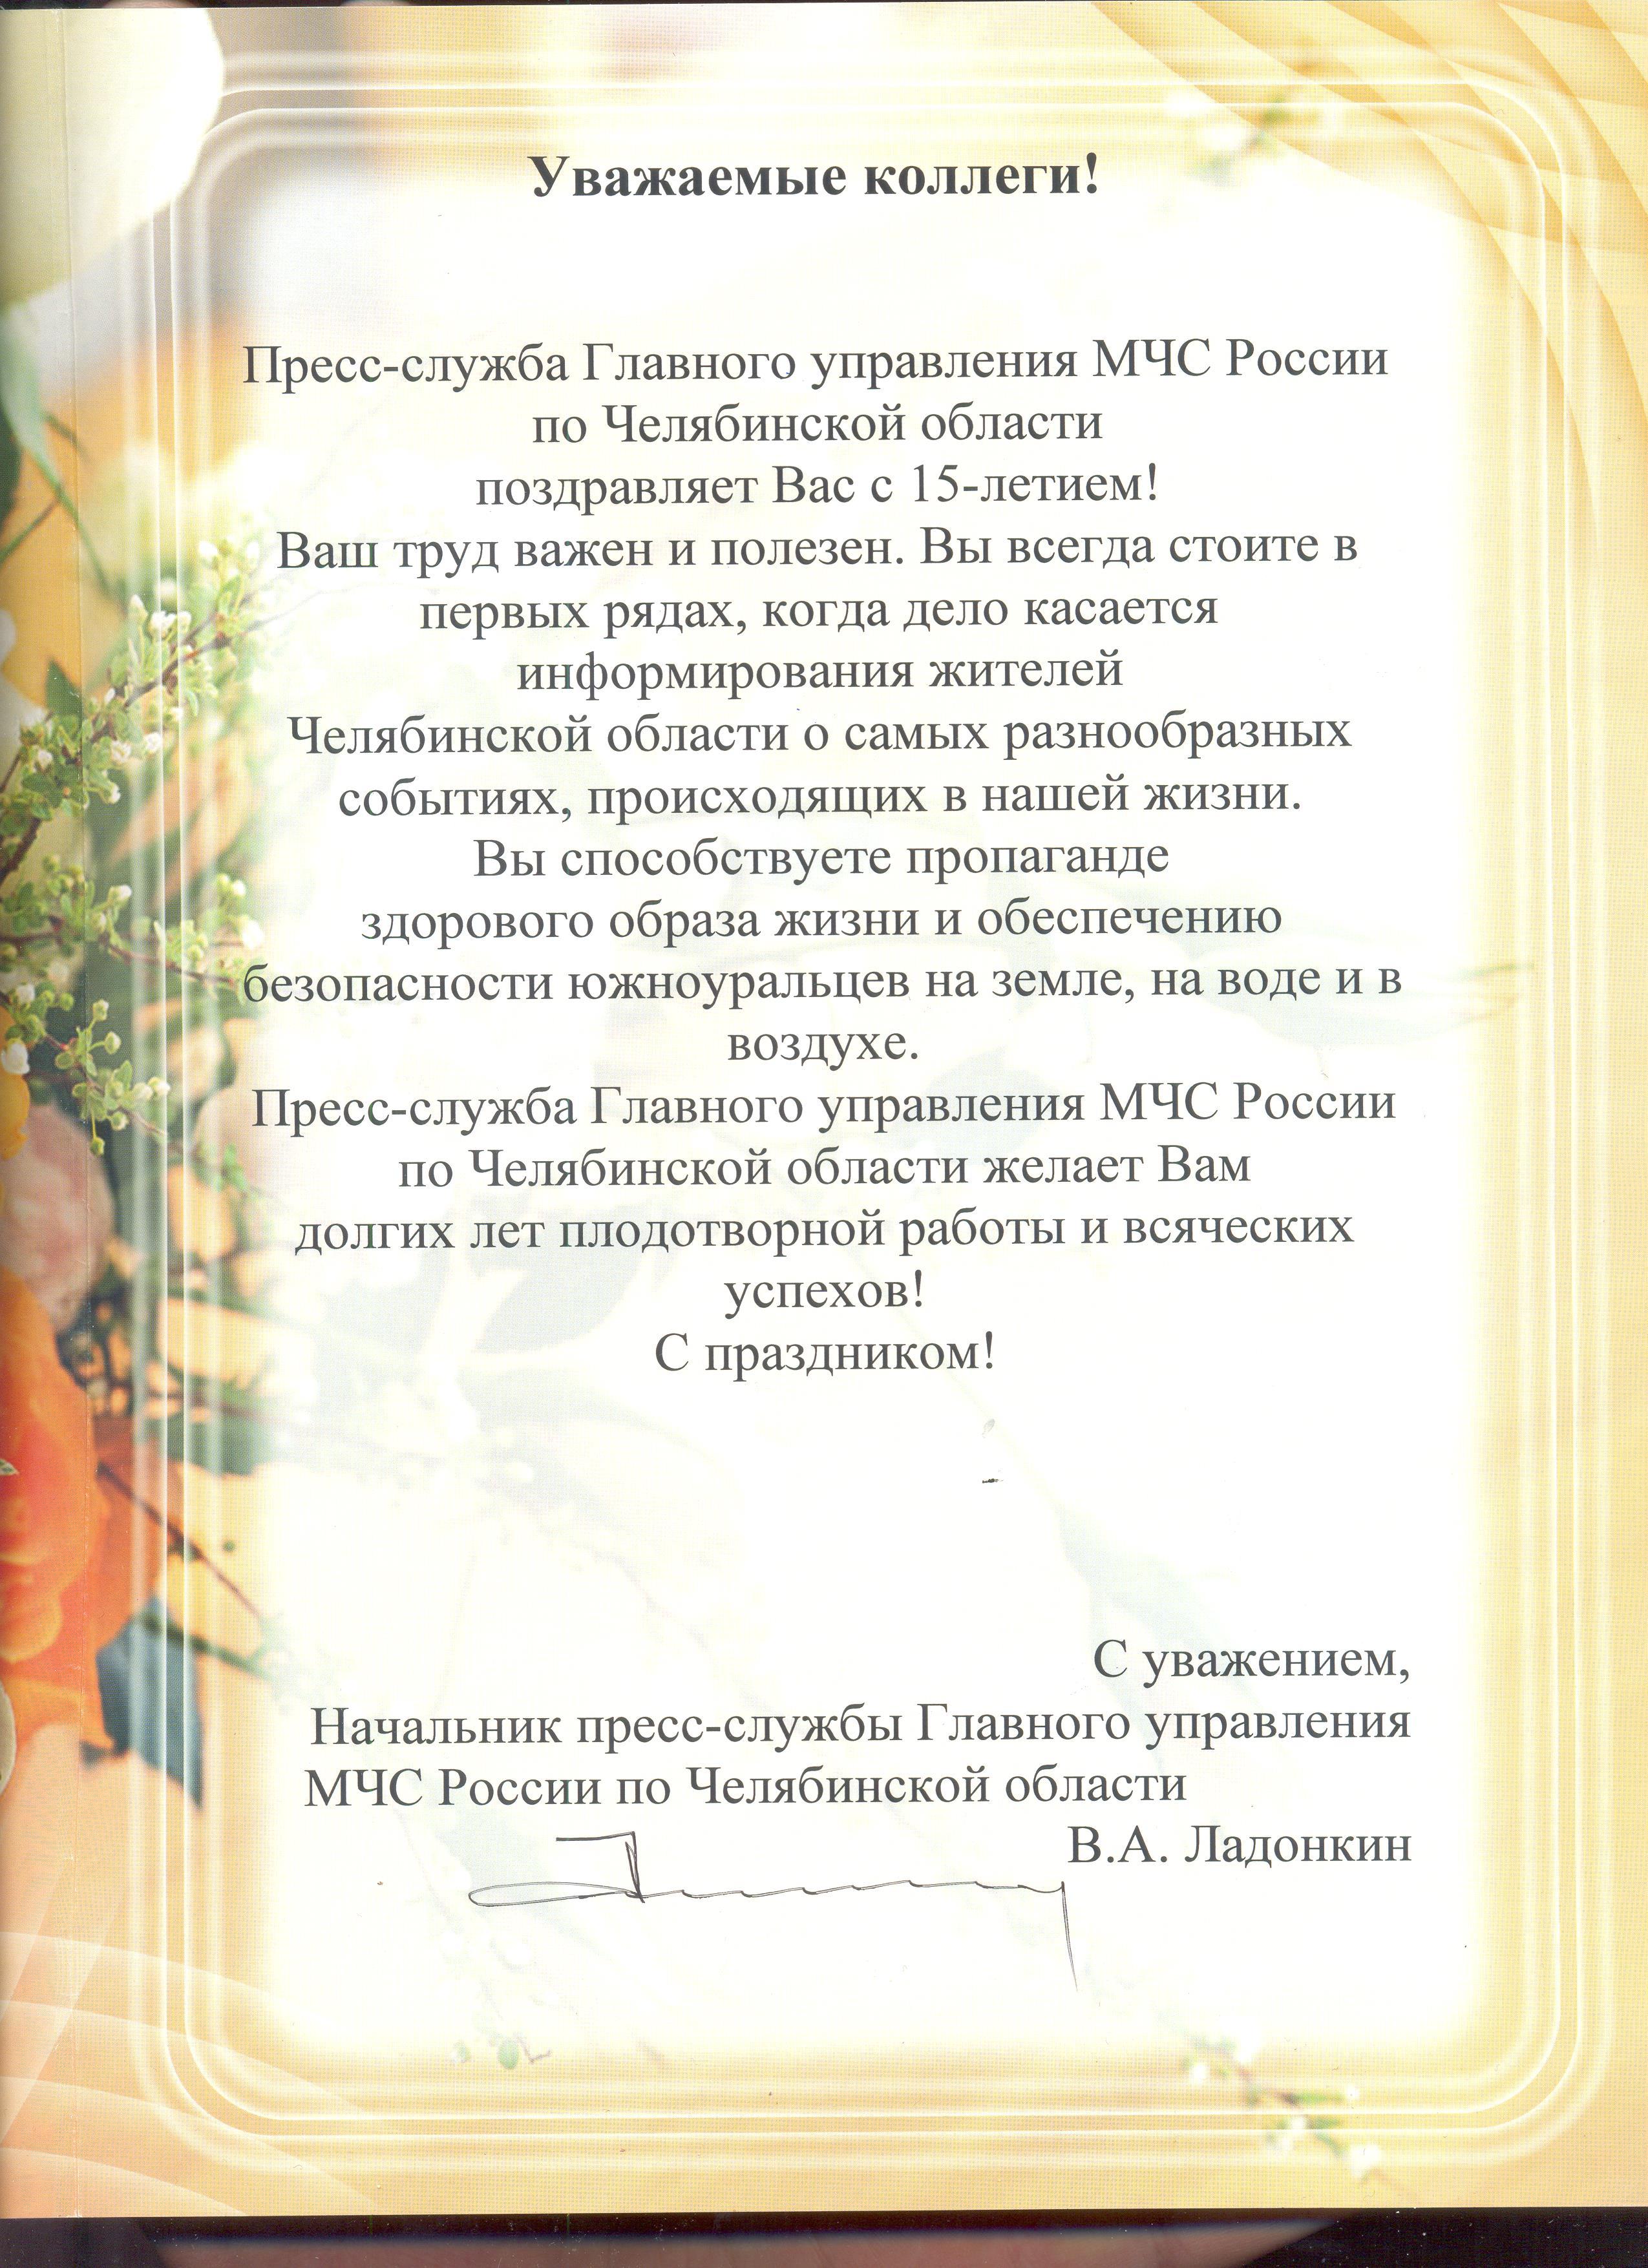 2016   Главное управление МЧС России по Челябинской области